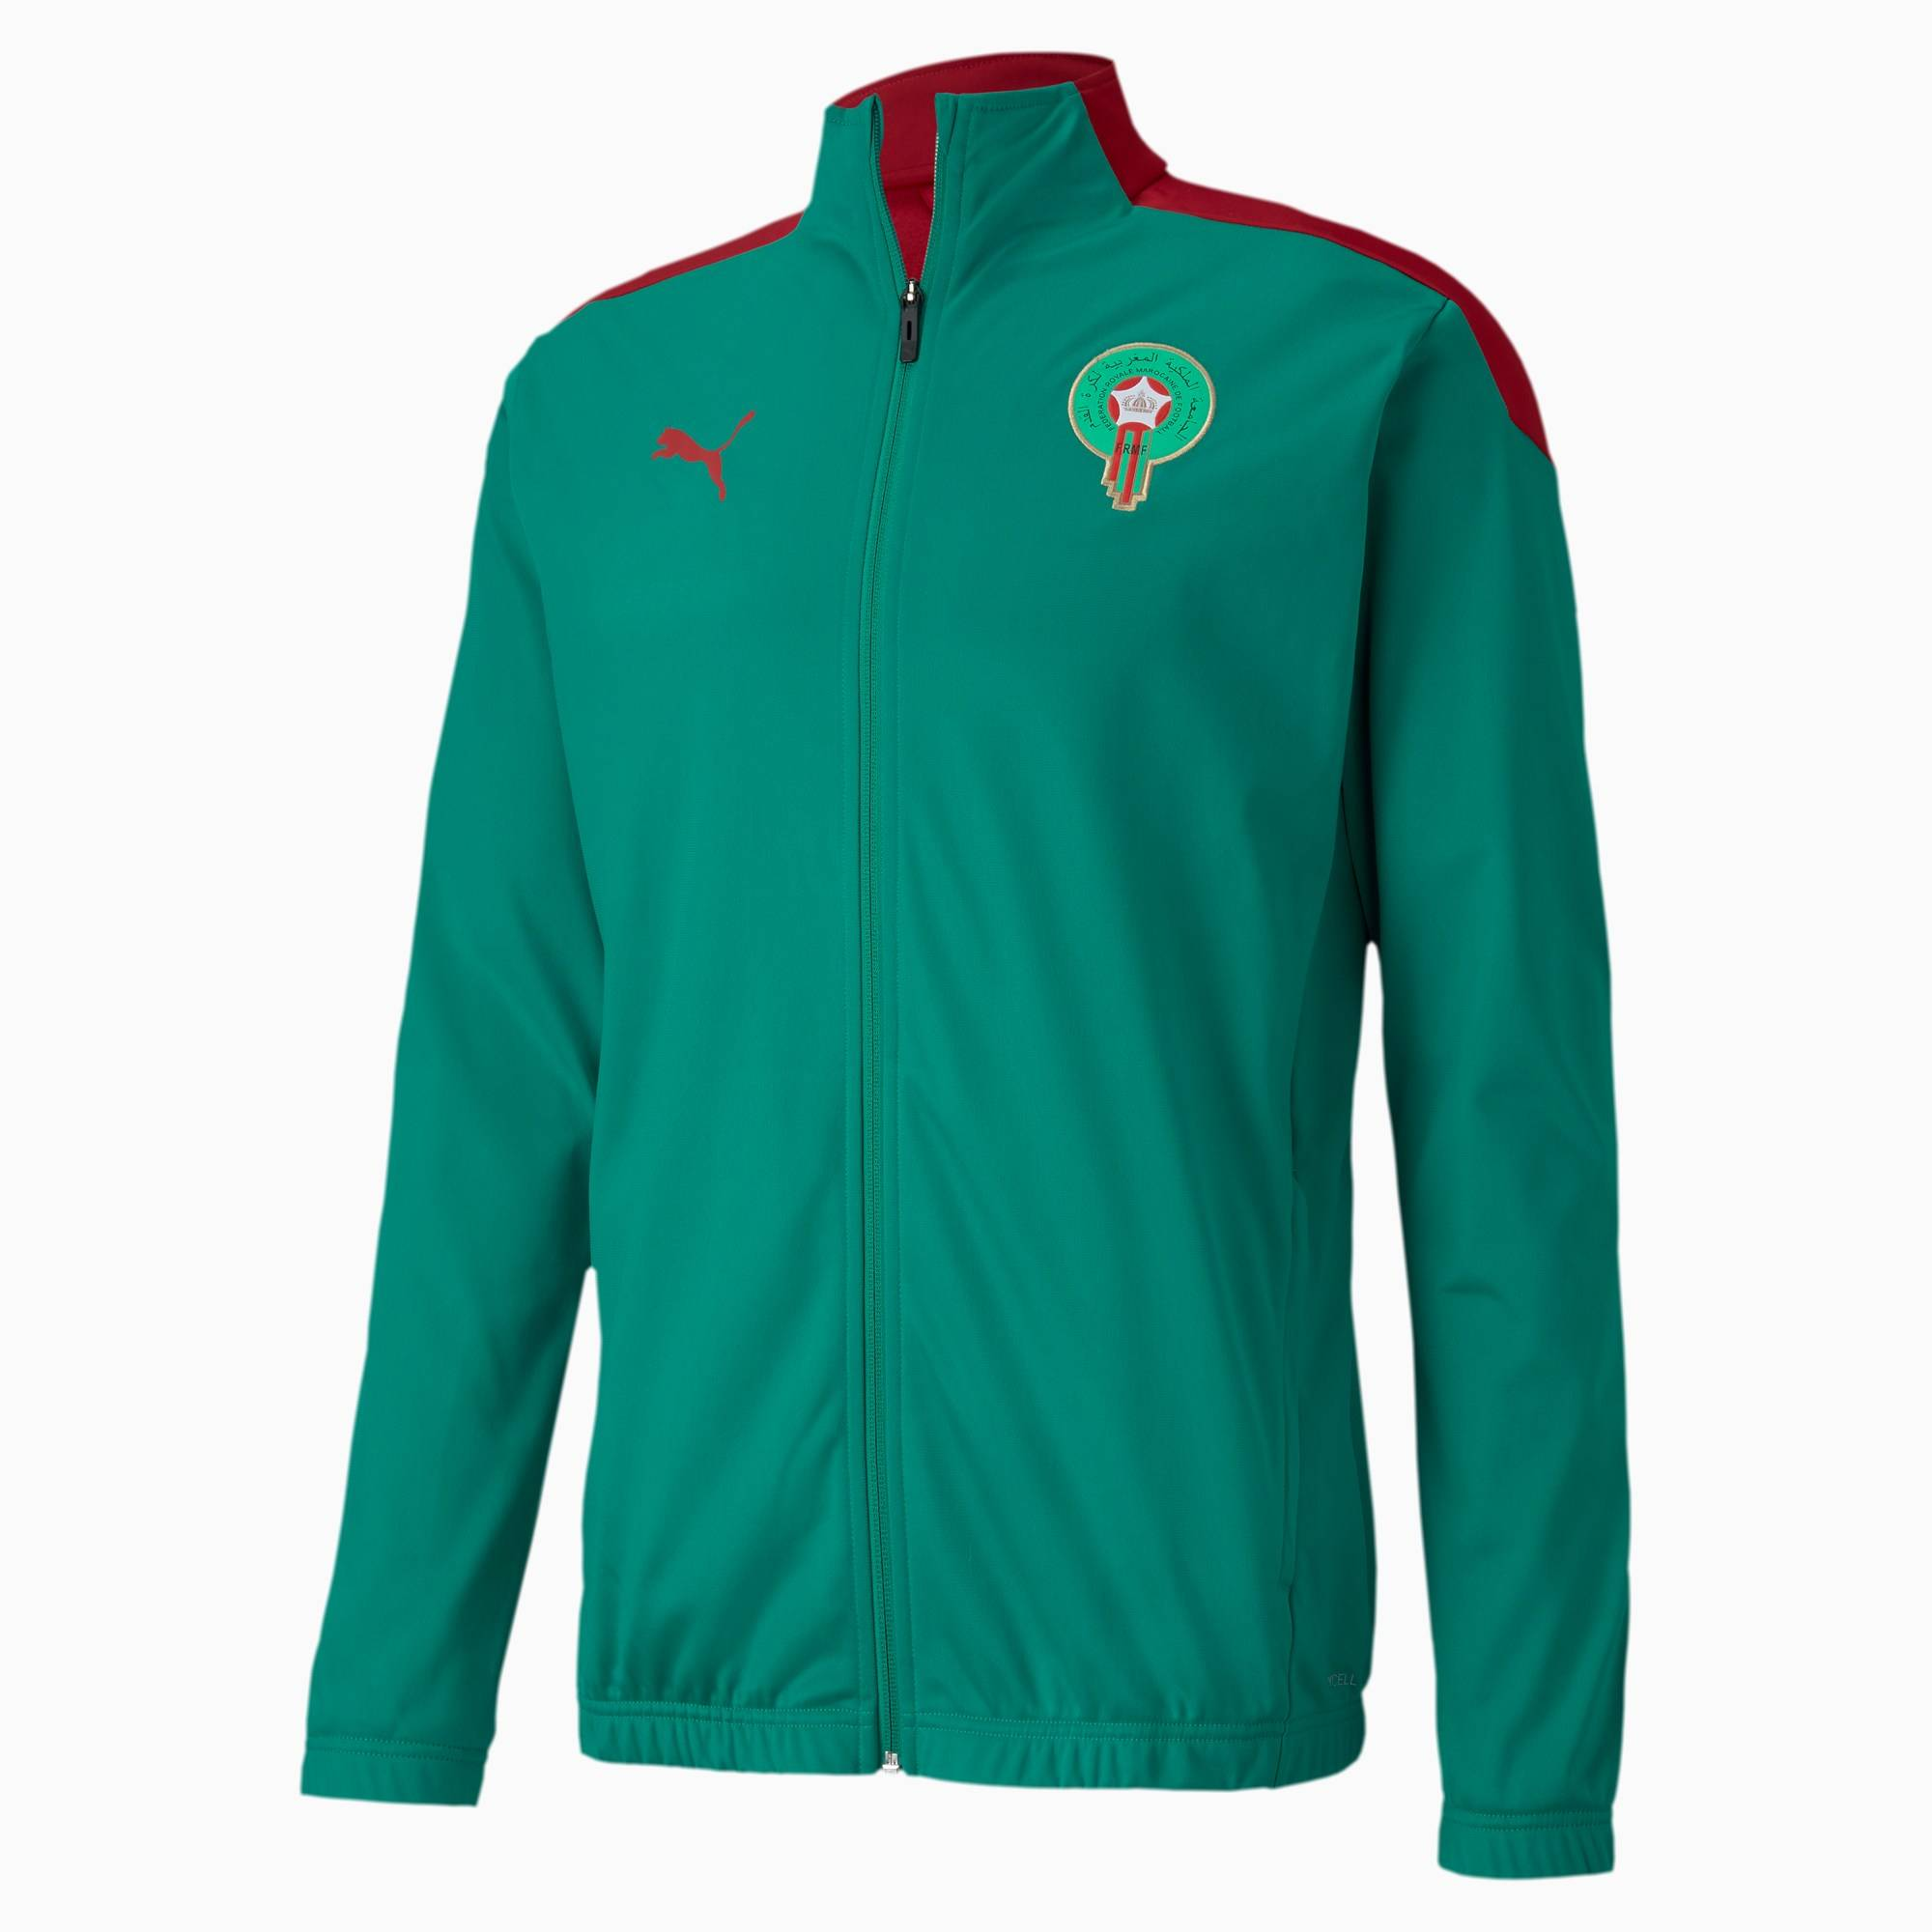 PUMA Blouson Maroc Stadium pour Homme, Vert/Rouge, Taille XS, Vêtements